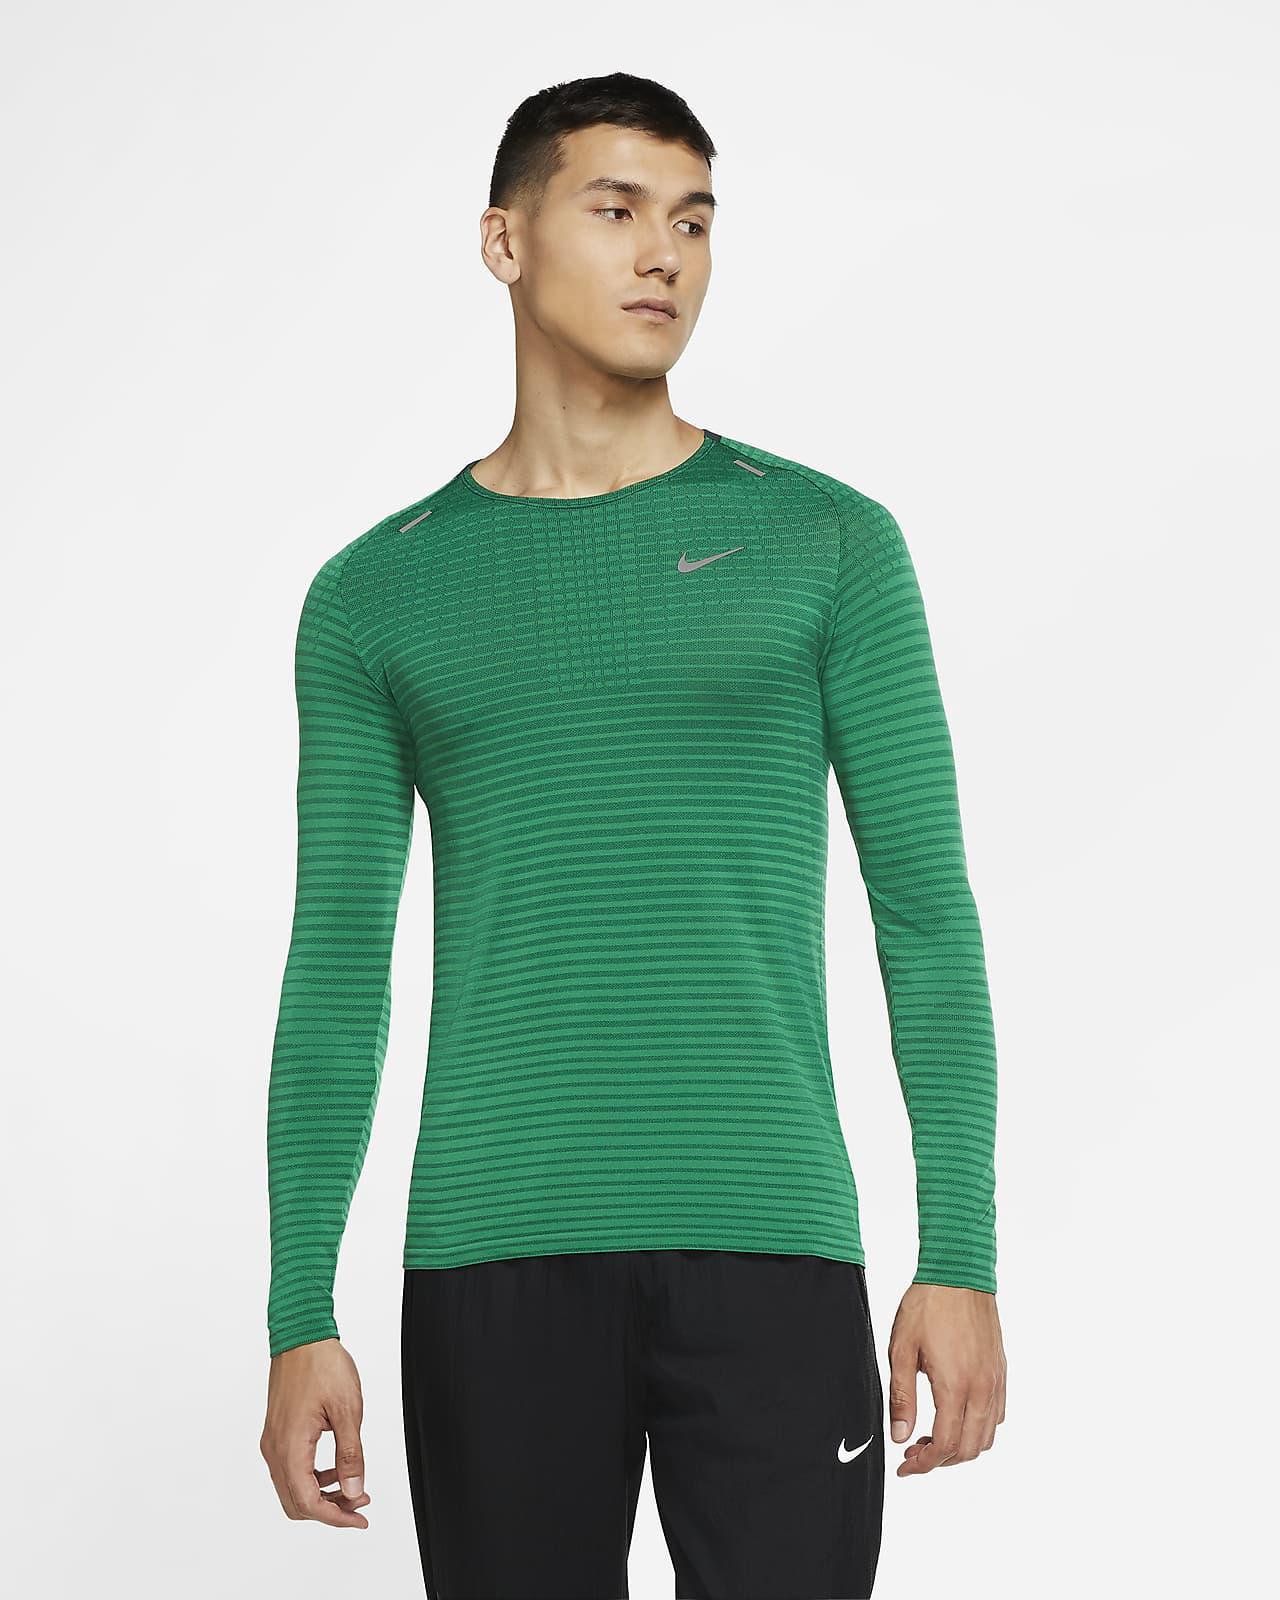 Maglia da running a manica lunga Nike TechKnit Ultra - Uomo